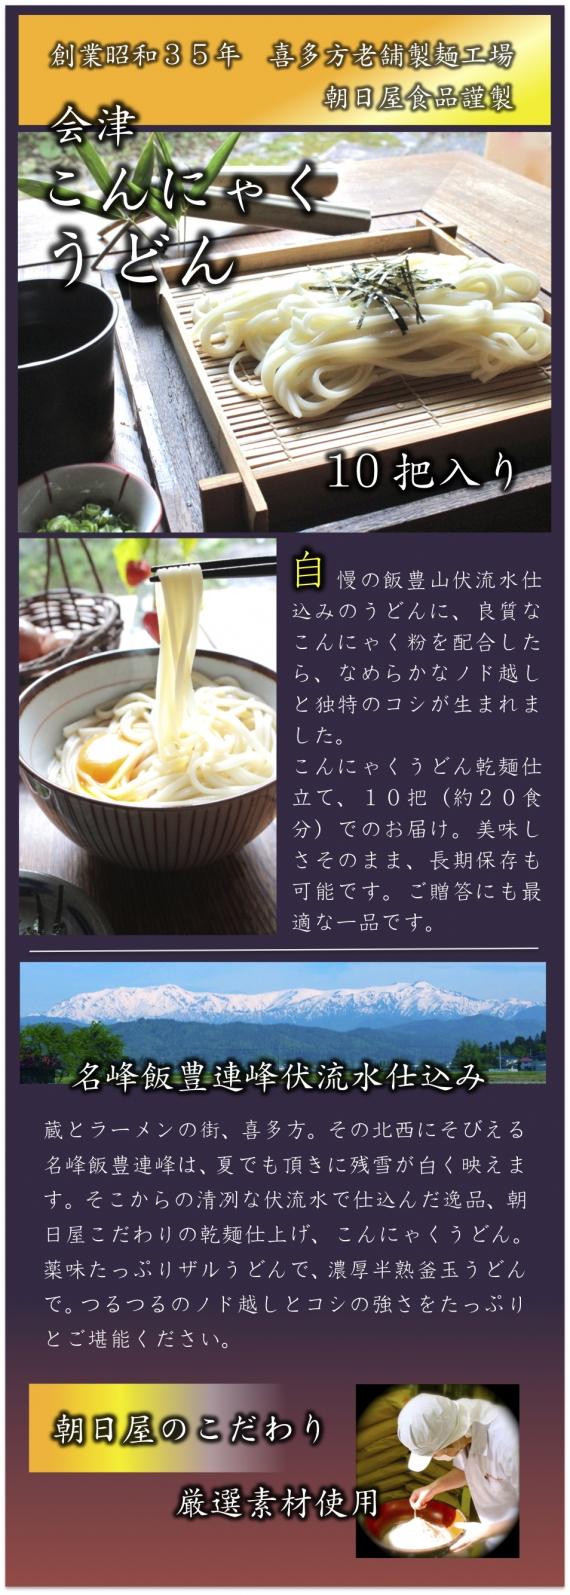 会津 こんにゃくうどん(乾麺)10把入り【賞味期限製造より2年間。長期保存可】